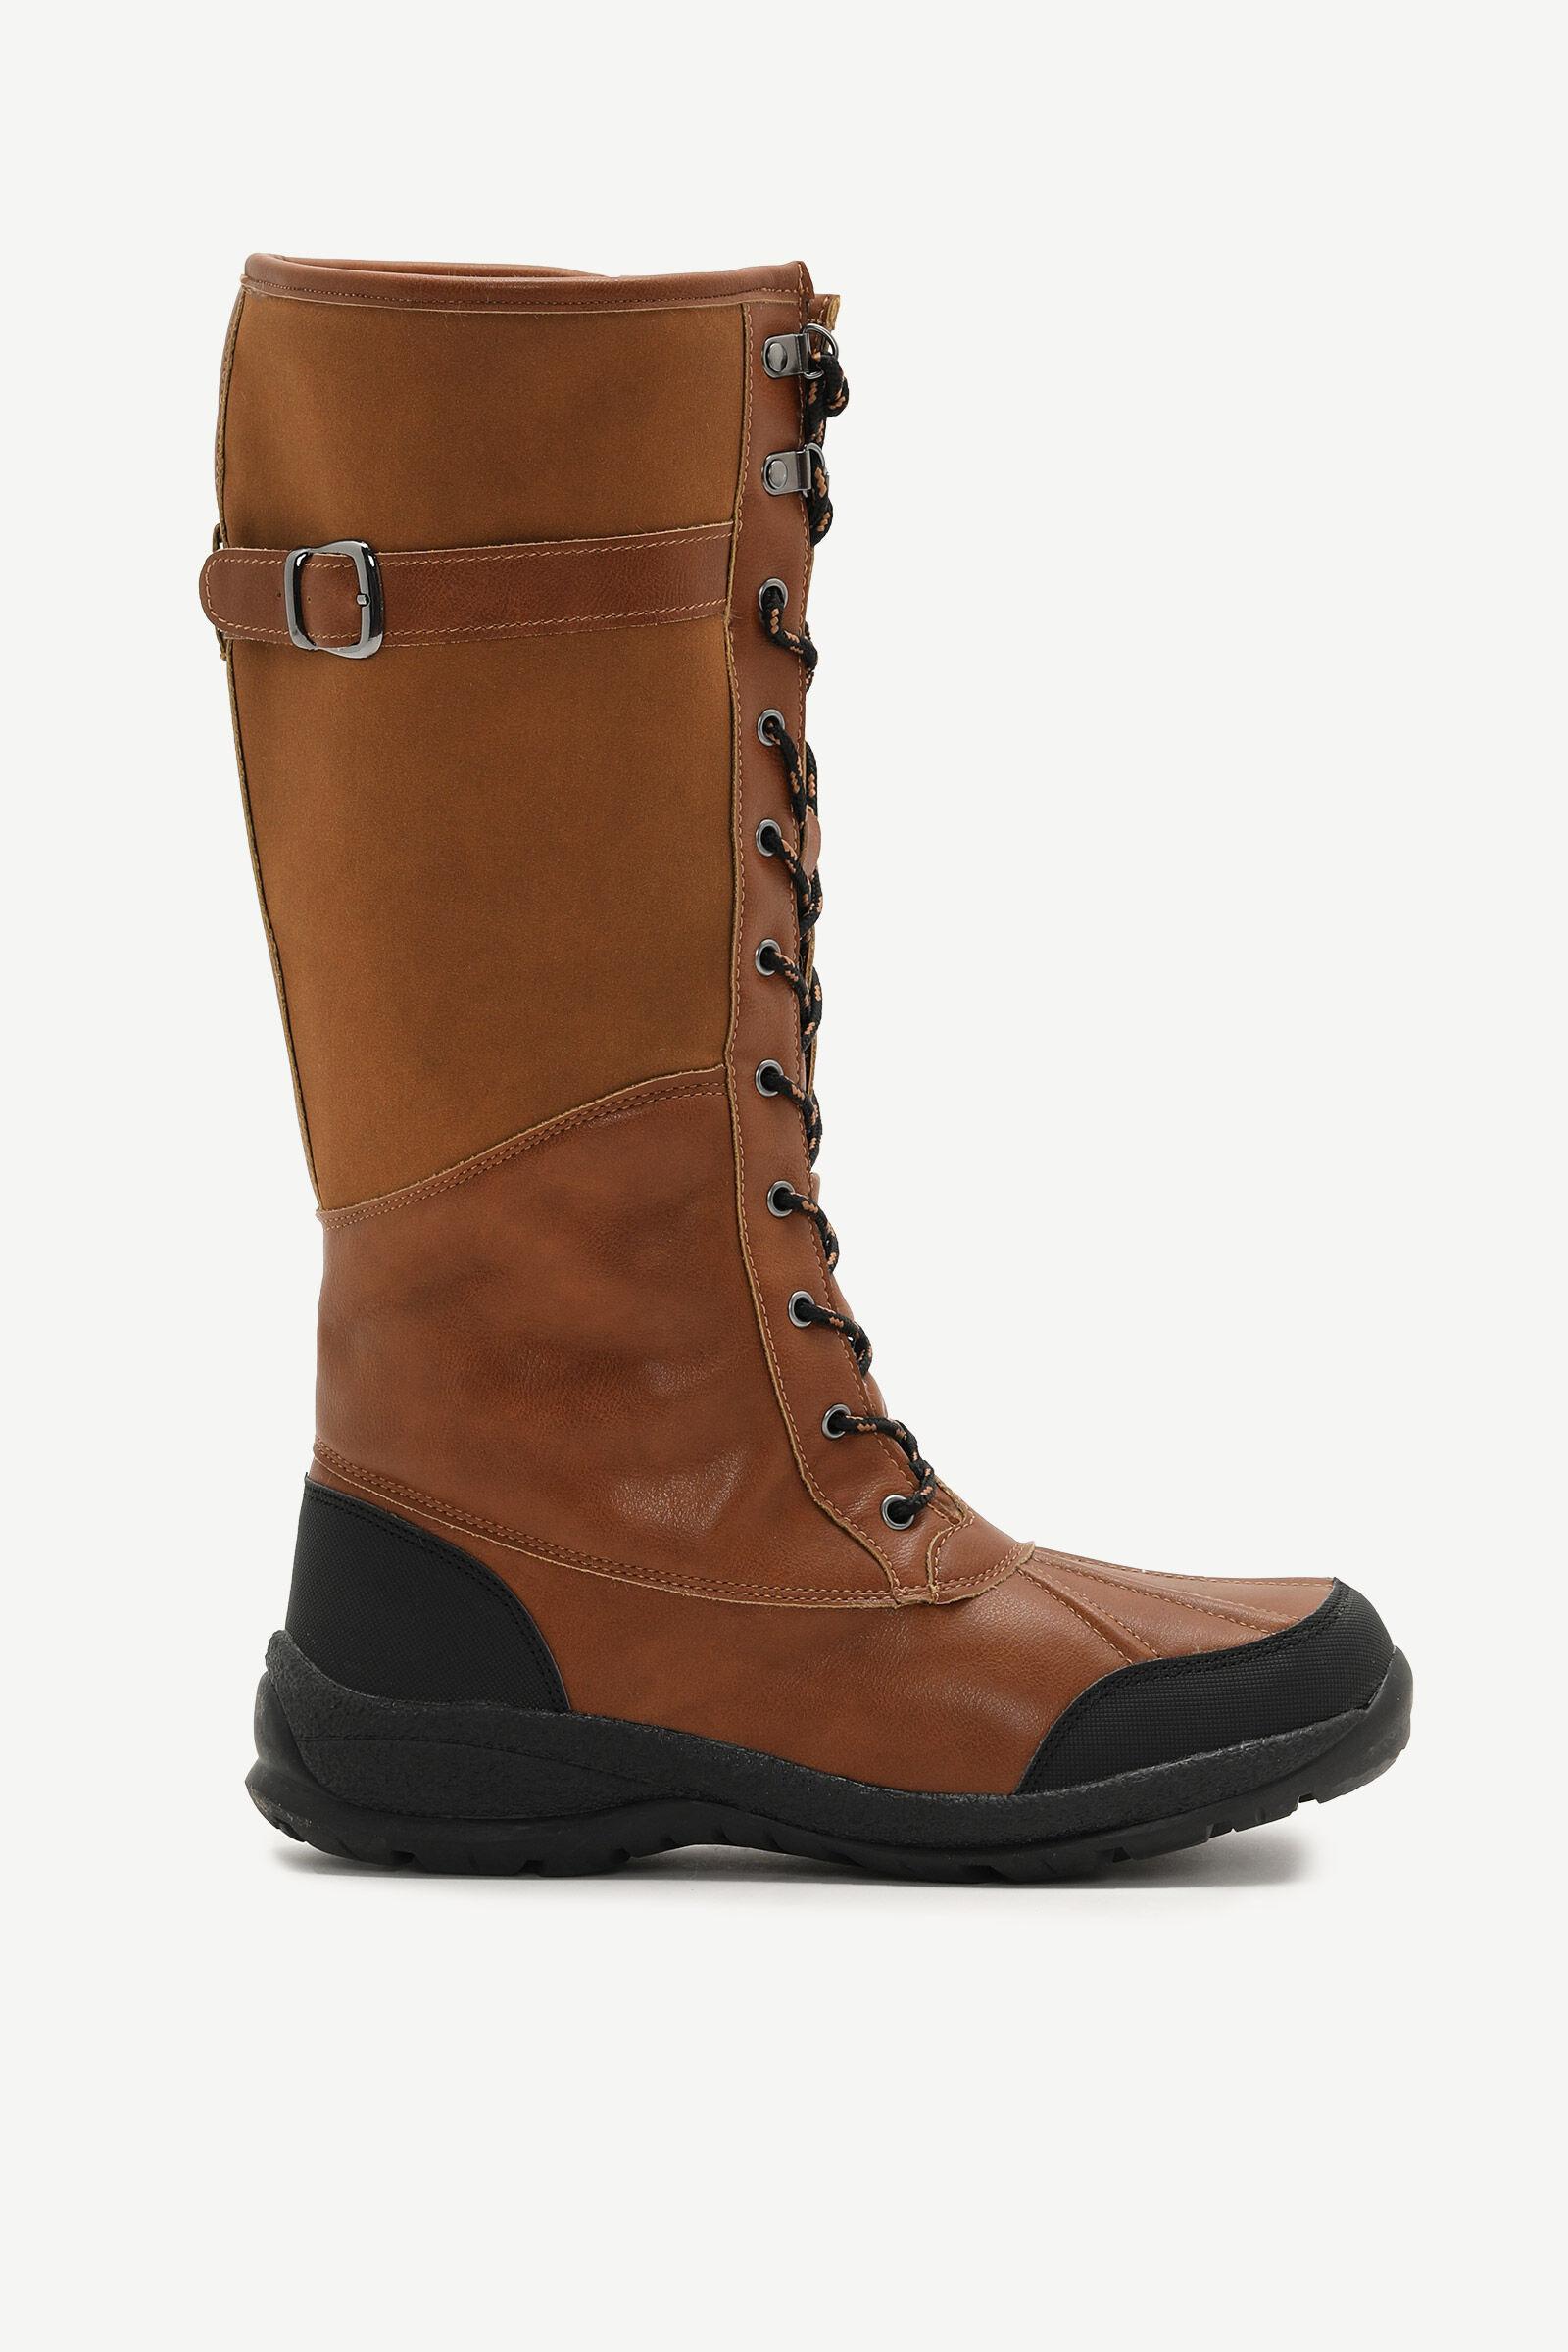 Waterproof Winter Boots - Shoes | Ardene